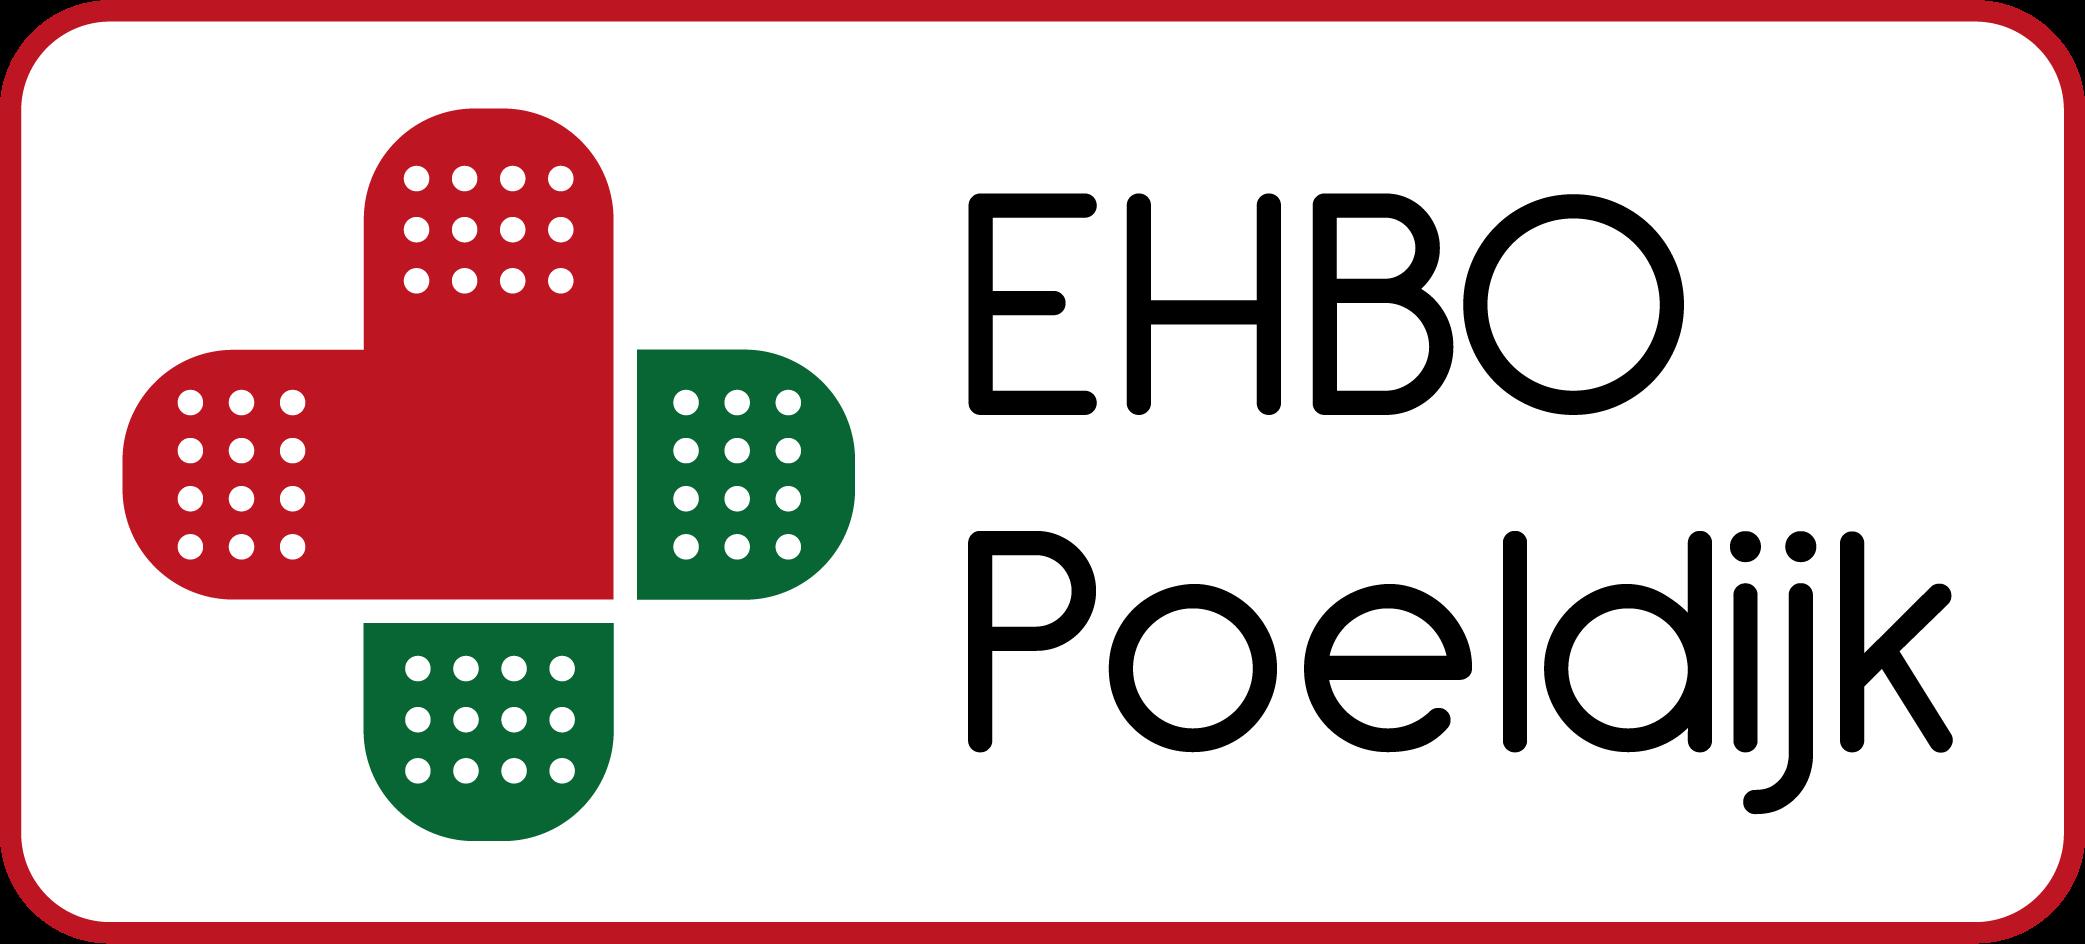 ehbo-westland